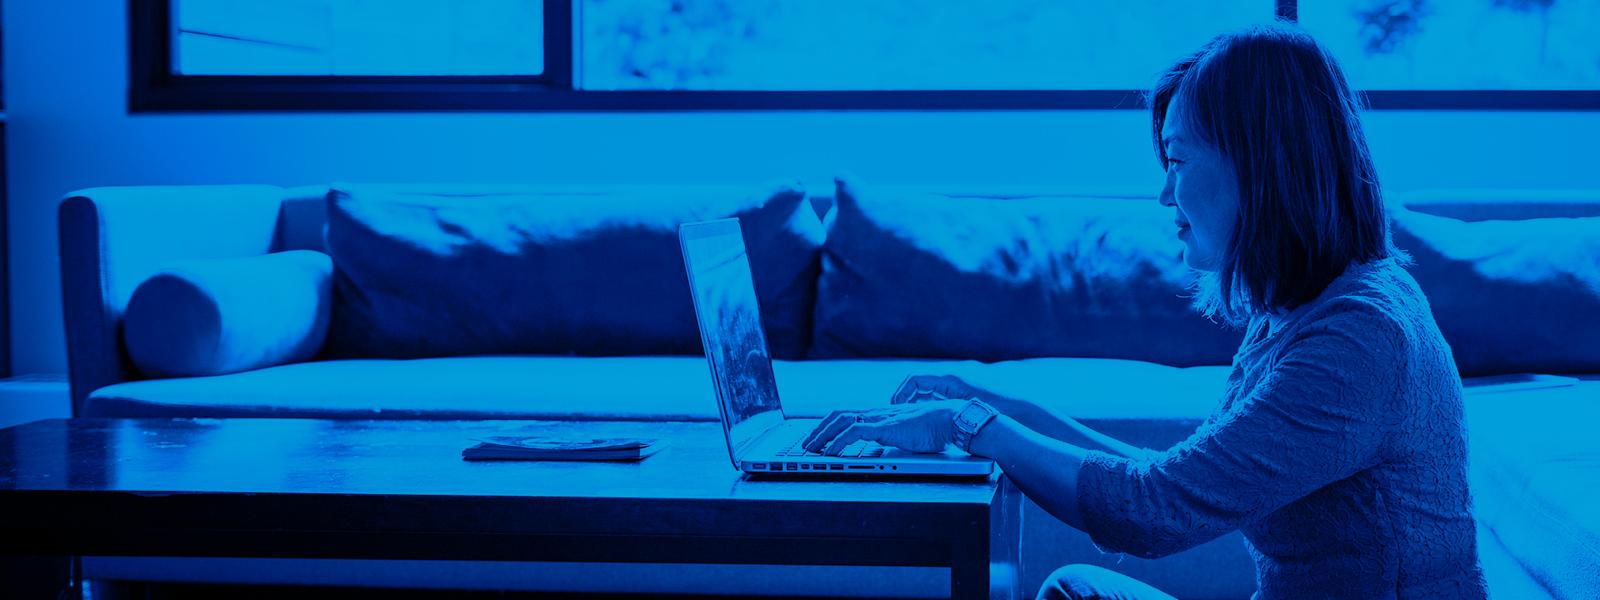 Imagen de una mujer que trabaja en casa